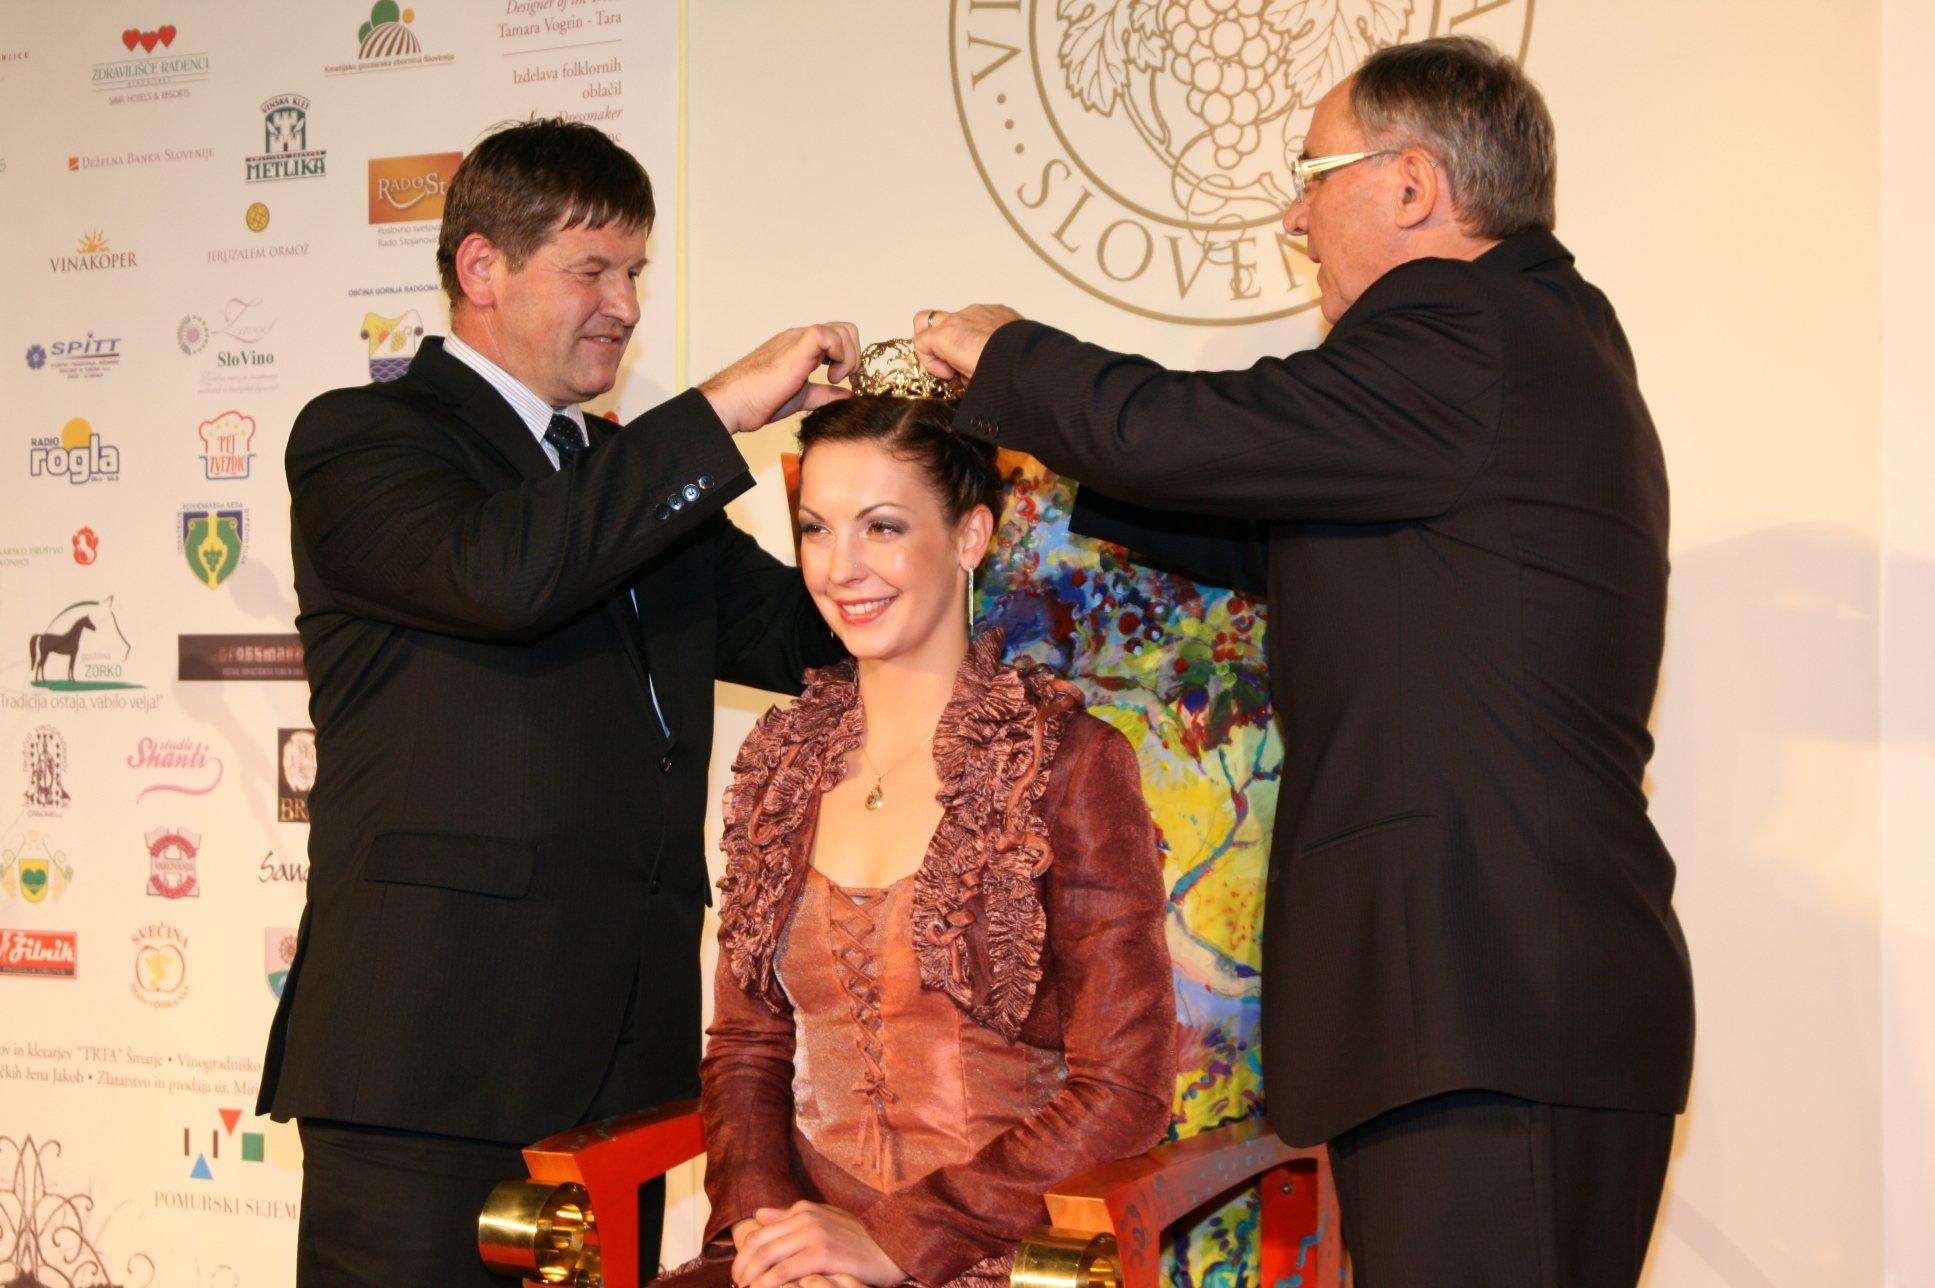 Kmetijski minister Franc Bogovič in predsednik uprave družbe Pomurski sejem Janez Erjavec sta krono nadela Neži Pavlič.